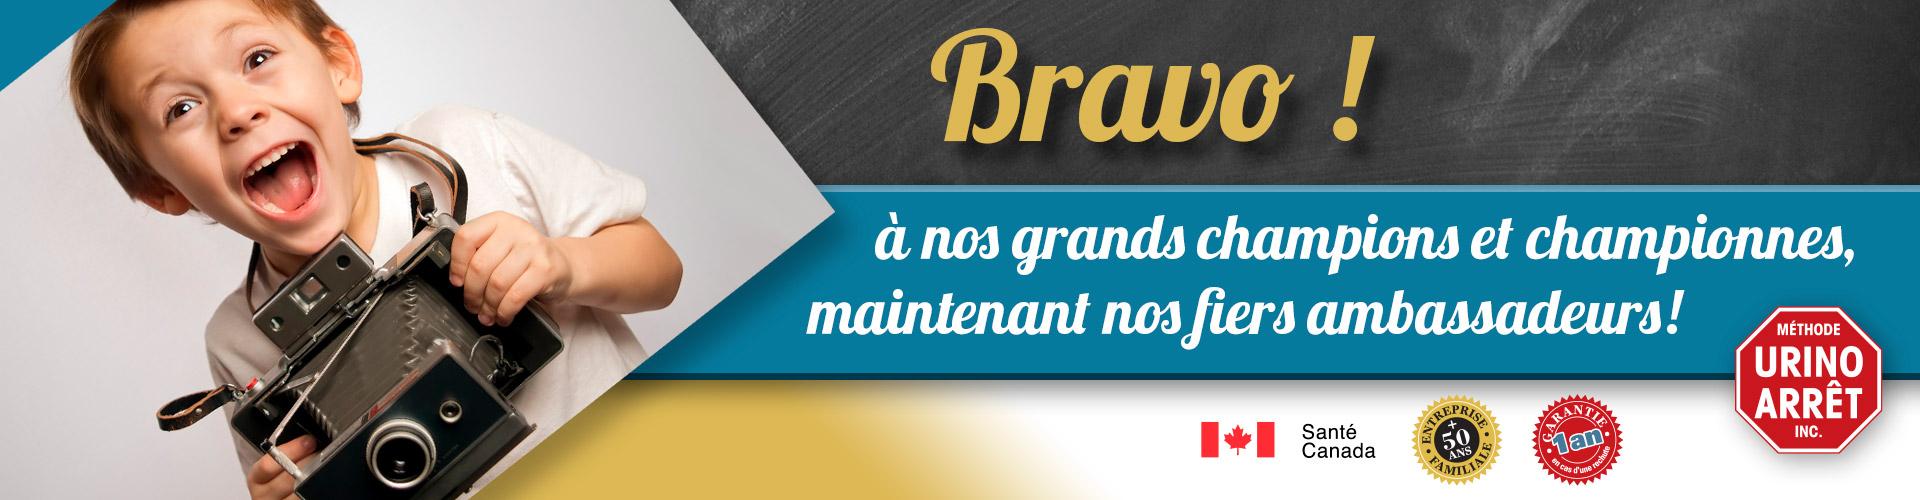 Photos et témoignages de nos jeunes champions et championnes de la Méthode Urino-Arrêt. Certifié ISO. Homologué Santé Canada.